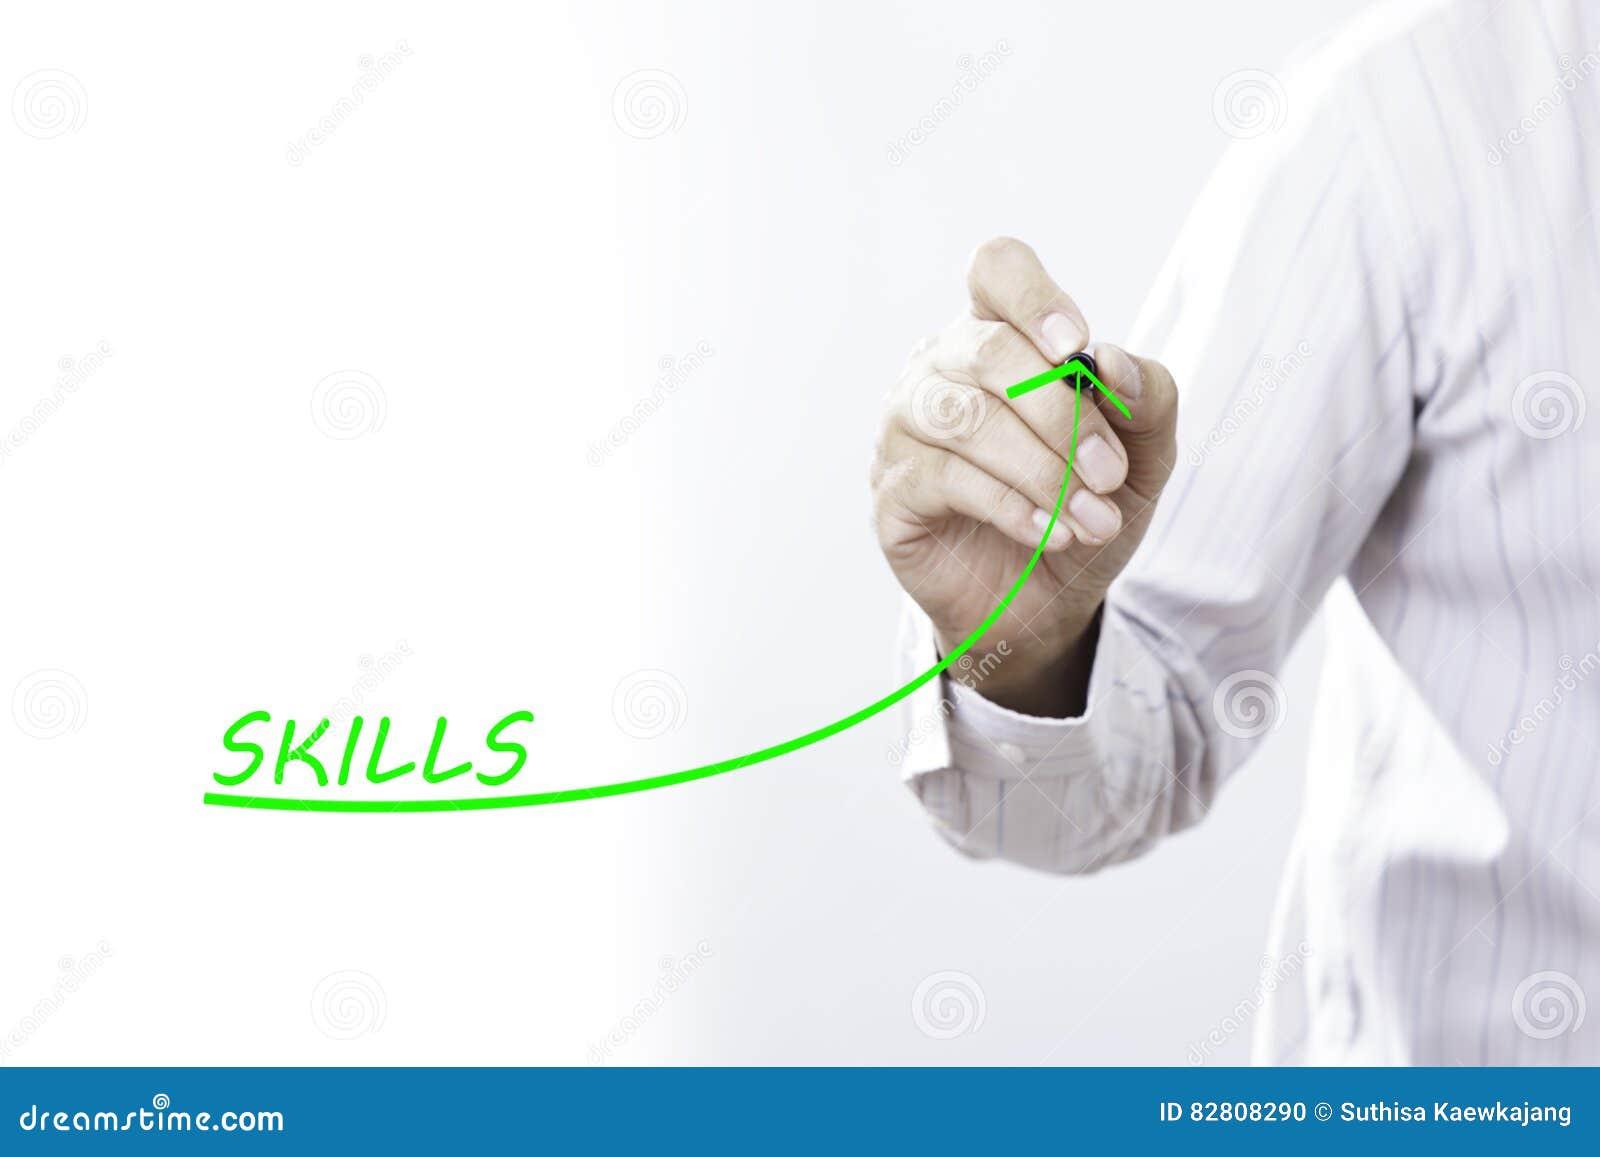 La línea cada vez mayor del drenaje del hombre de negocios simboliza habilidades cada vez mayor